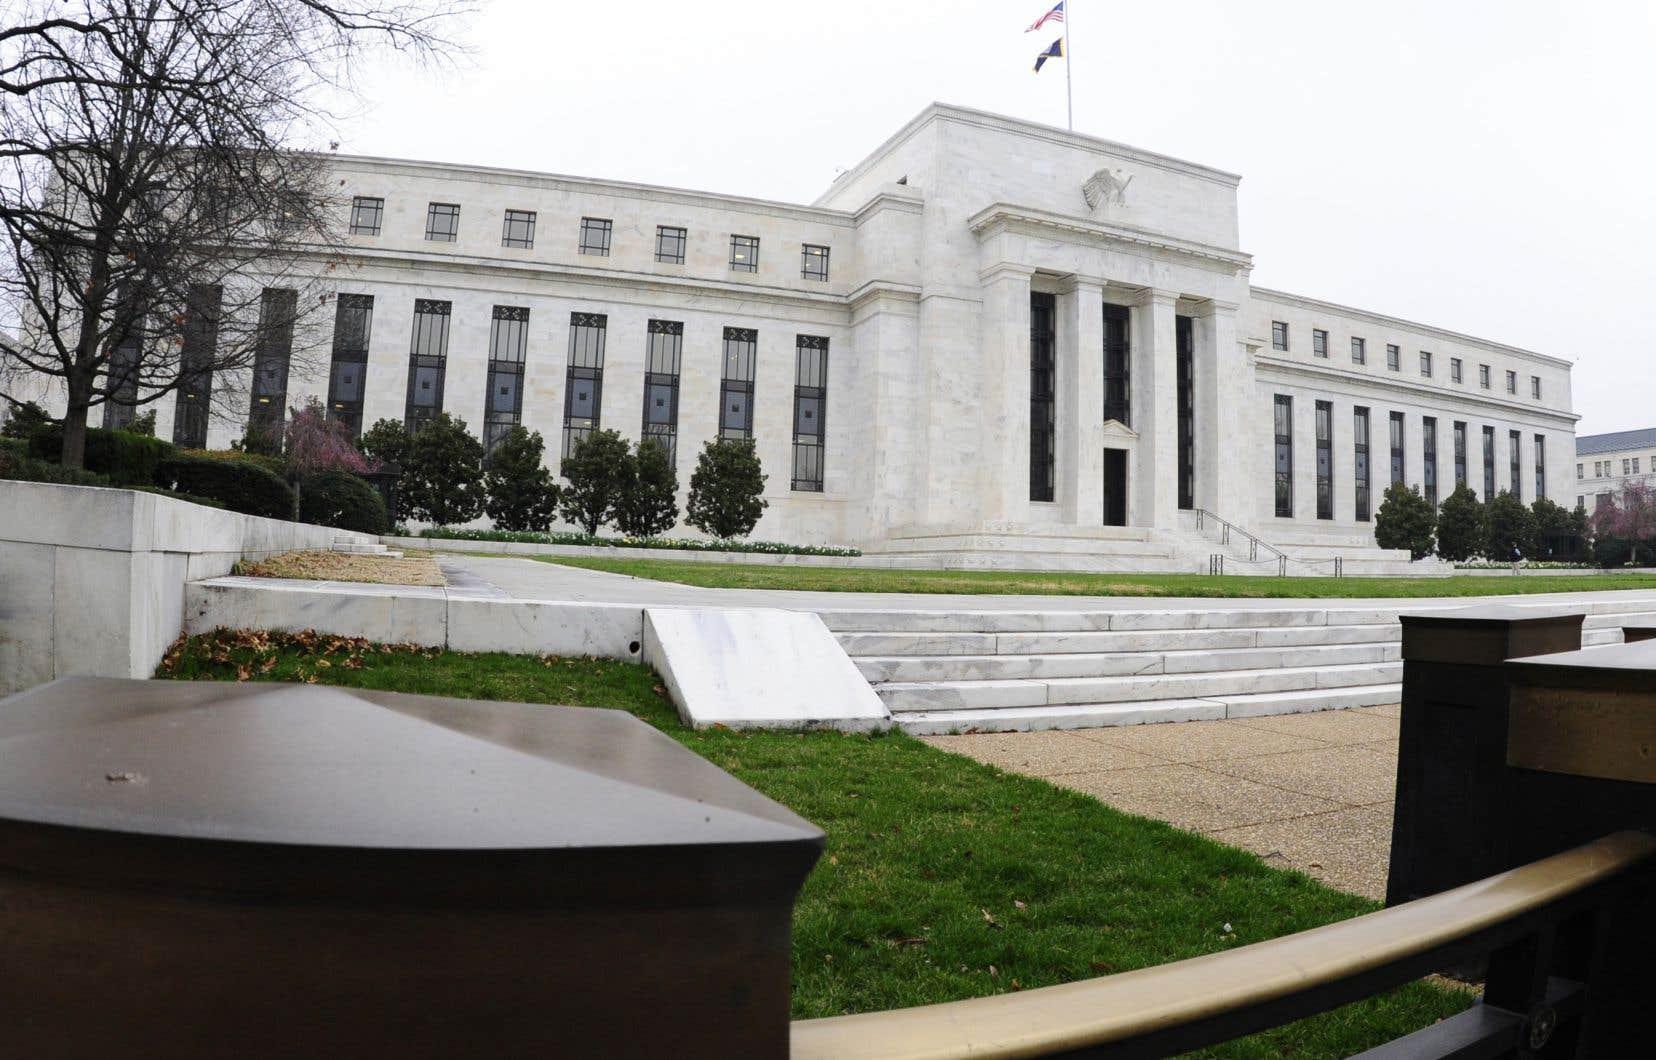 La Fed n'a pas semblé impressionnée par les primes et hausses de salaire entamées par certaines entreprises juste après la manne de réductions d'impôt qui leur ont été accordées.